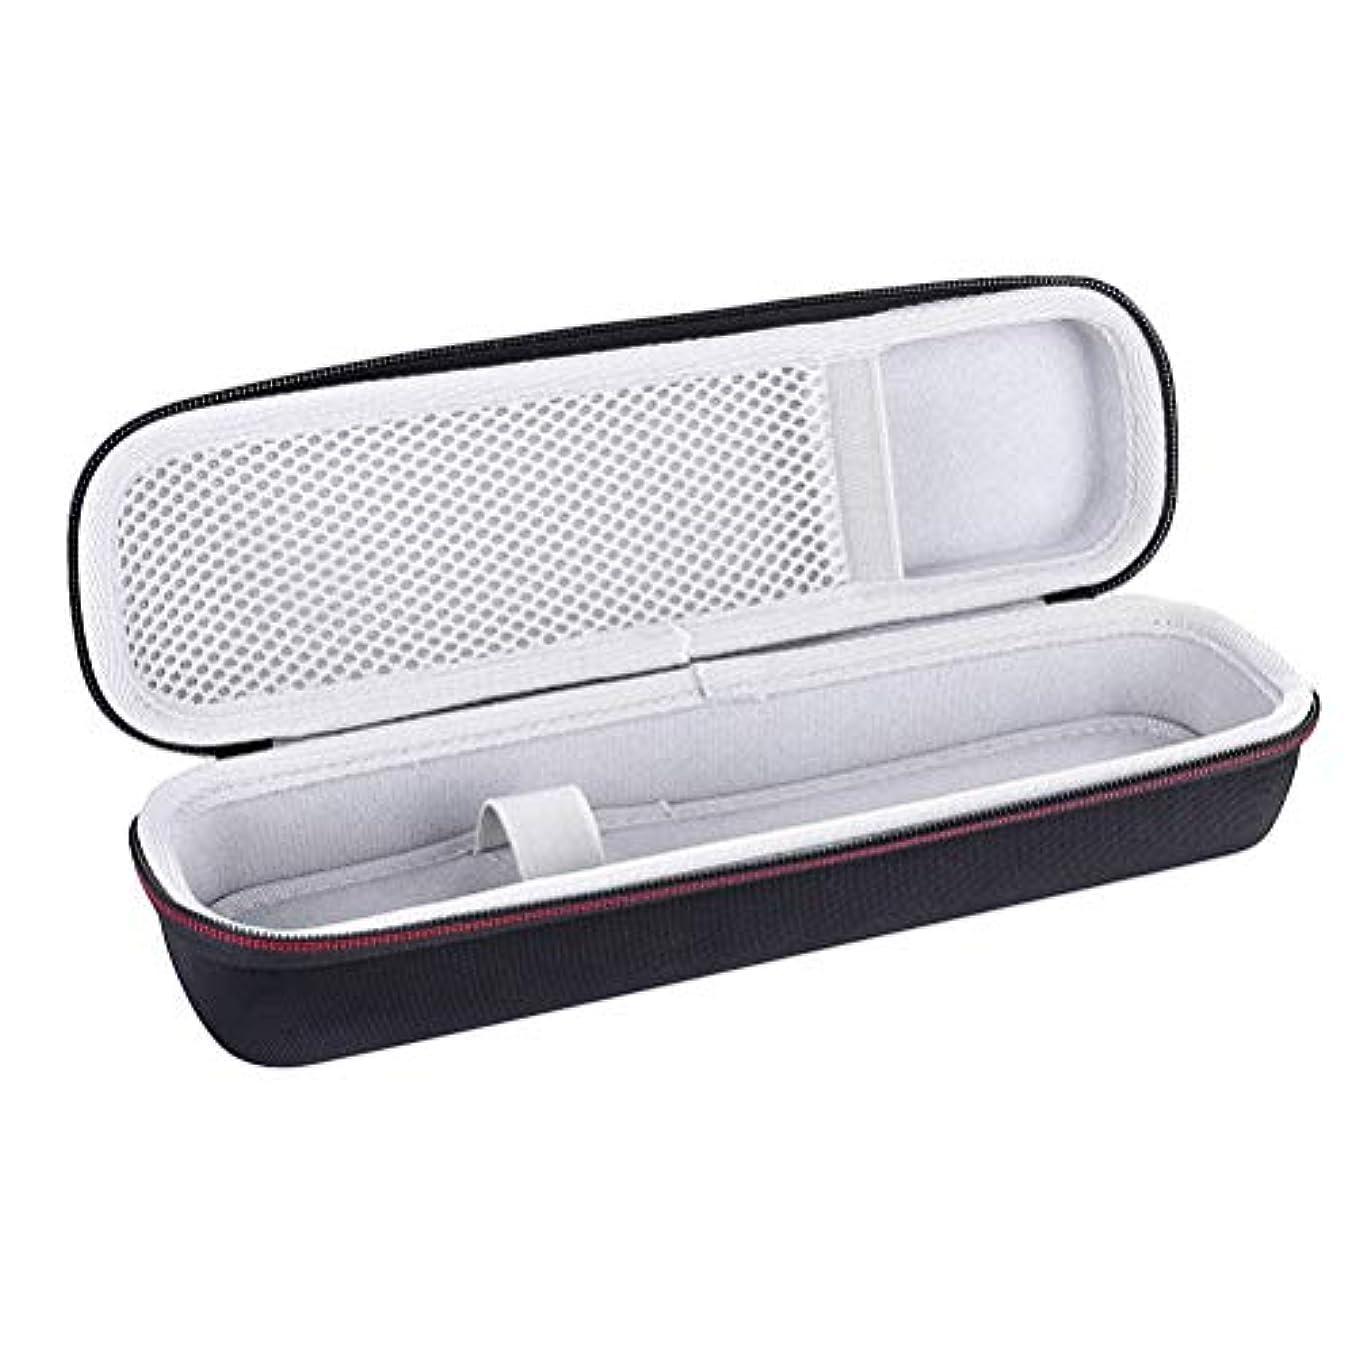 不利クライストチャーチ地下室Healifty 電動歯ブラシケースポータブル圧縮抵抗保護歯ブラシ収納ケース屋外旅行用